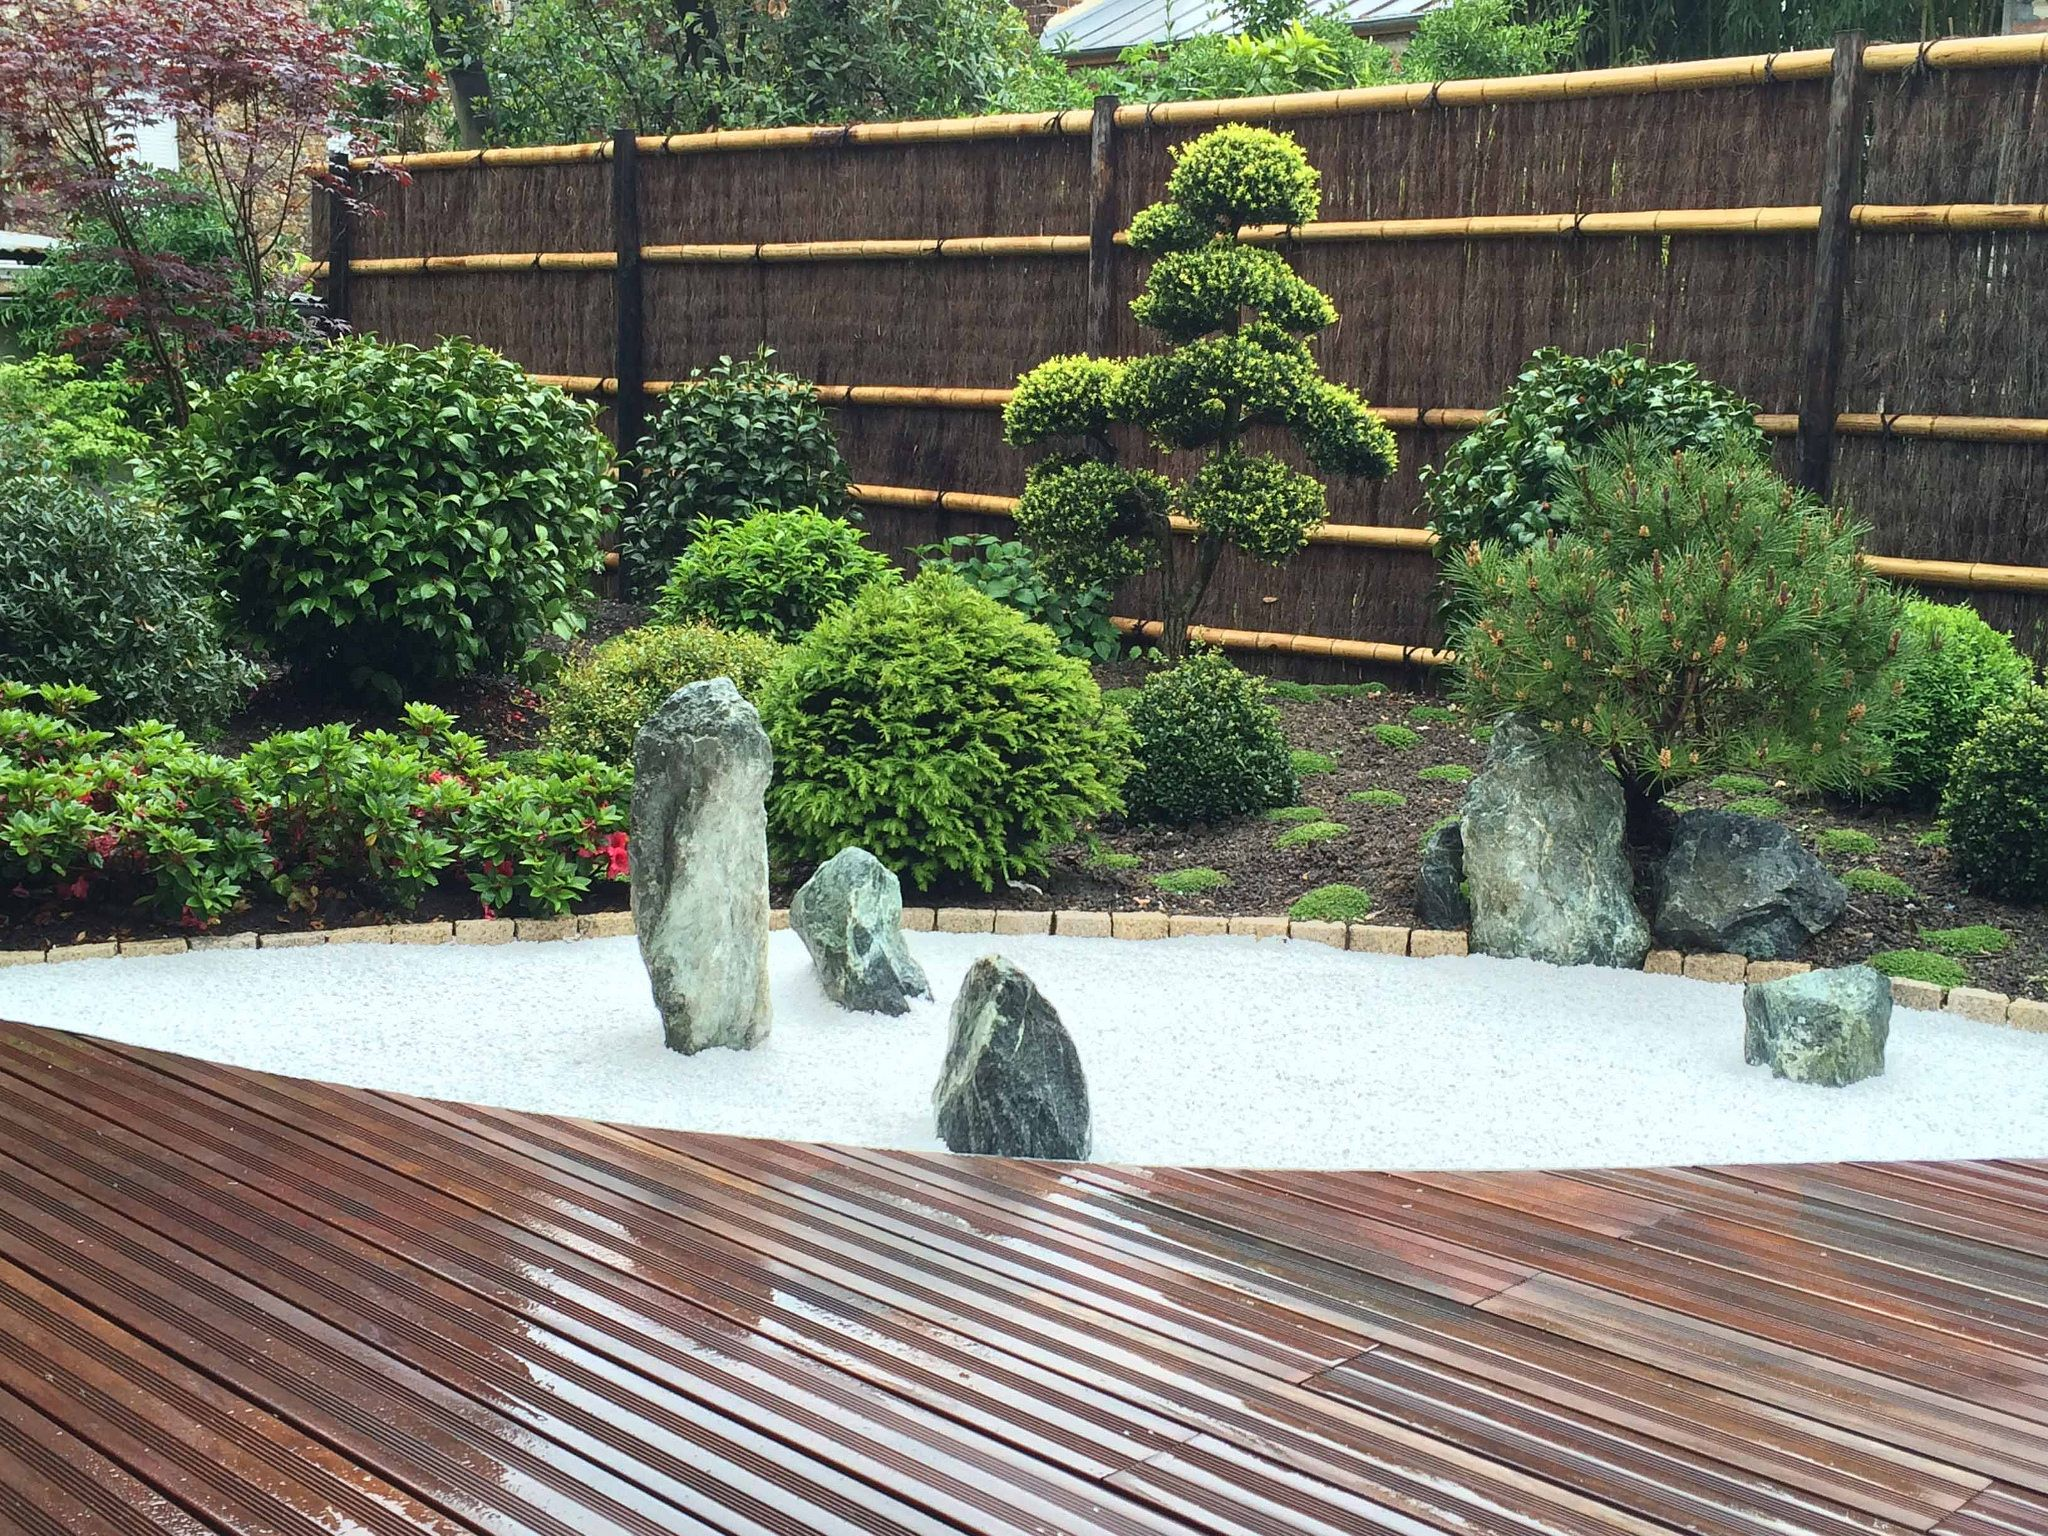 Jardin Japonais Rouge Vue Du Jardin Sec With Images Japanese